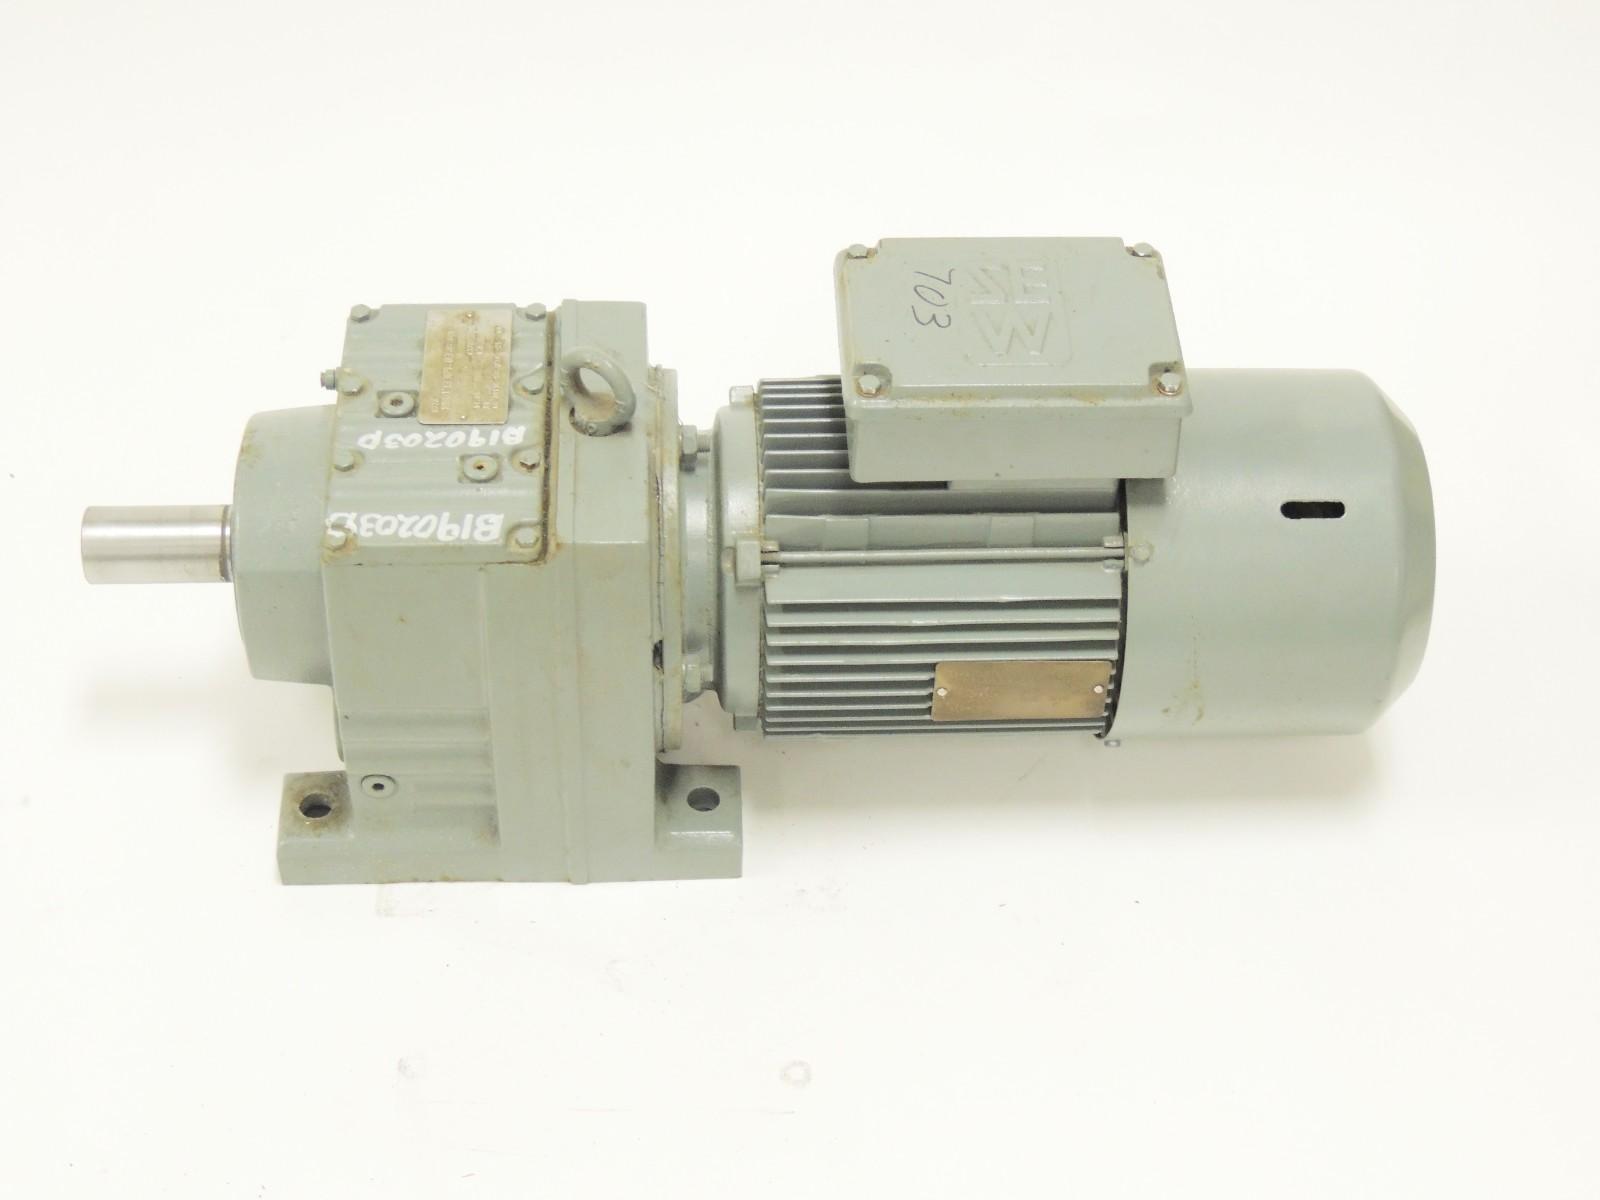 Used Sew Eurodrive Gearmotor Dft100l416